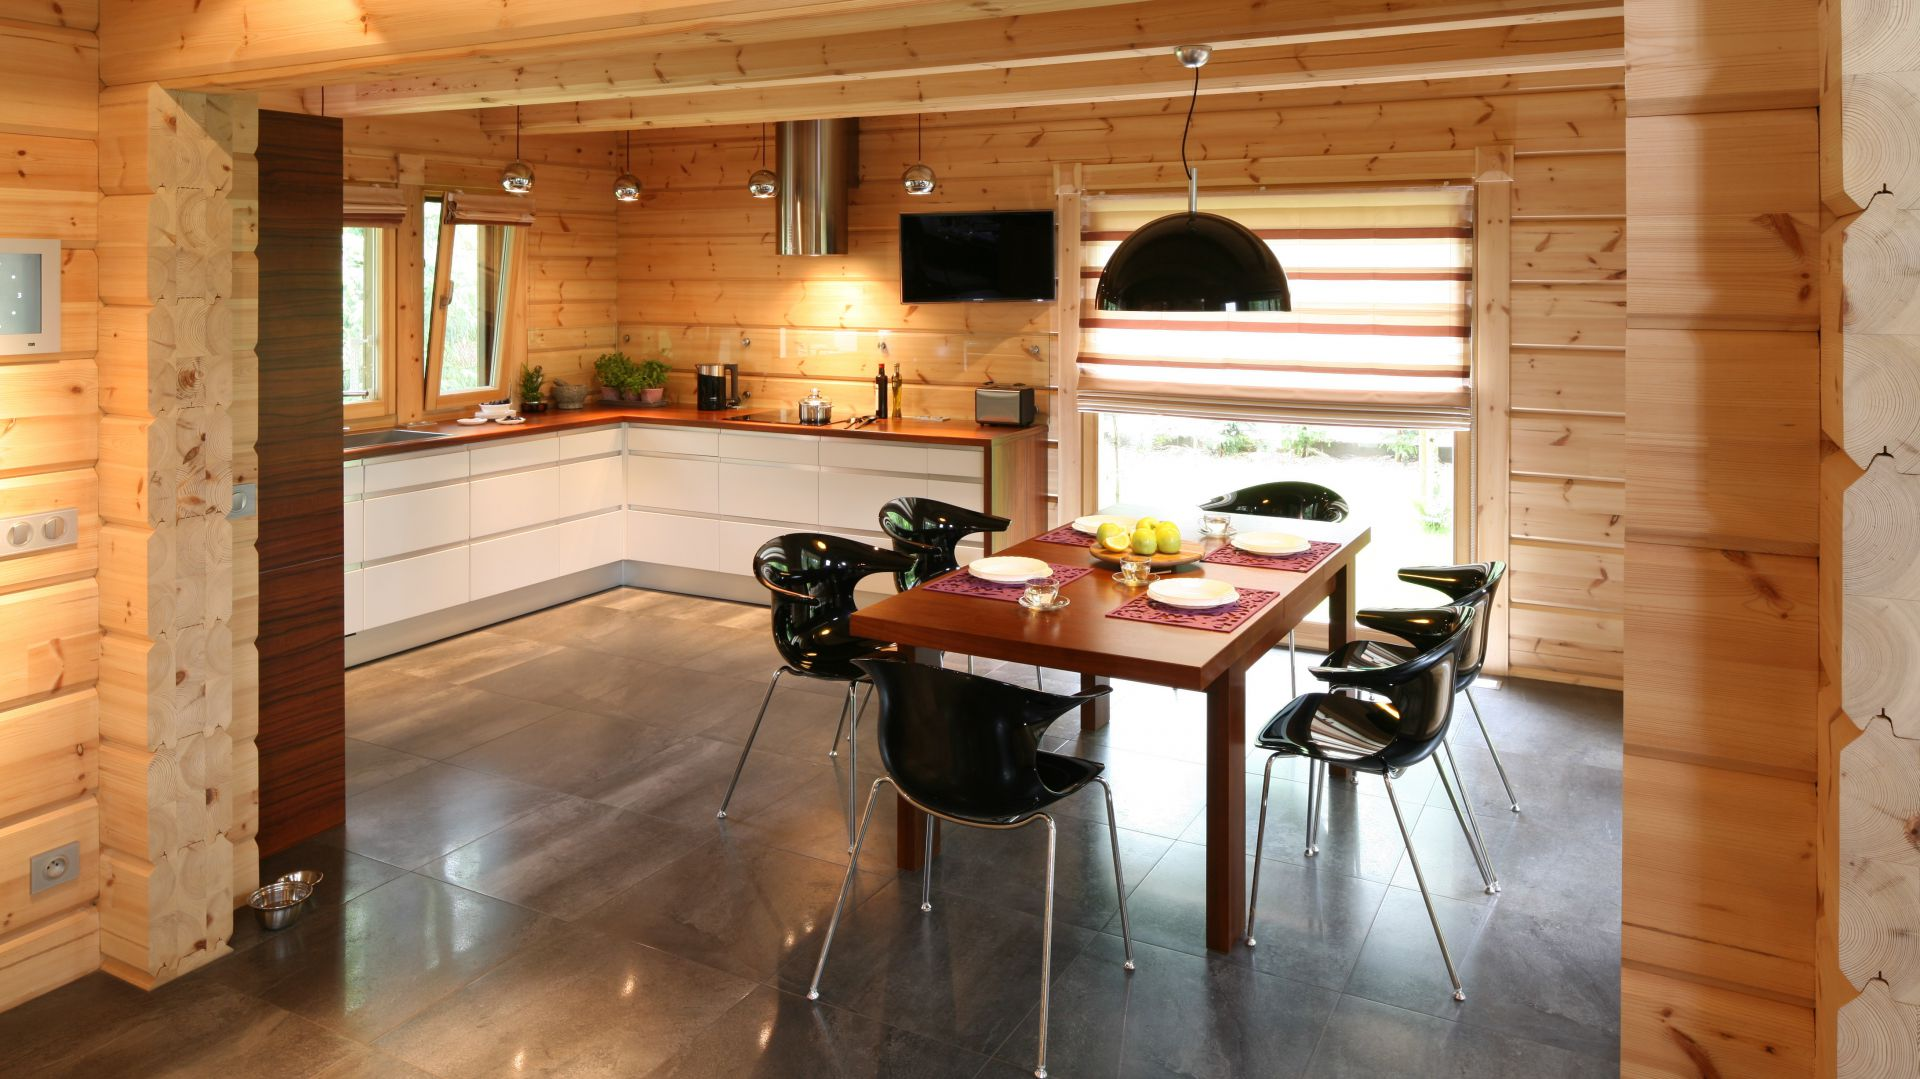 drewniane ciany doskonale kuchnia w domu z drewna nowoczesna i pi kna. Black Bedroom Furniture Sets. Home Design Ideas